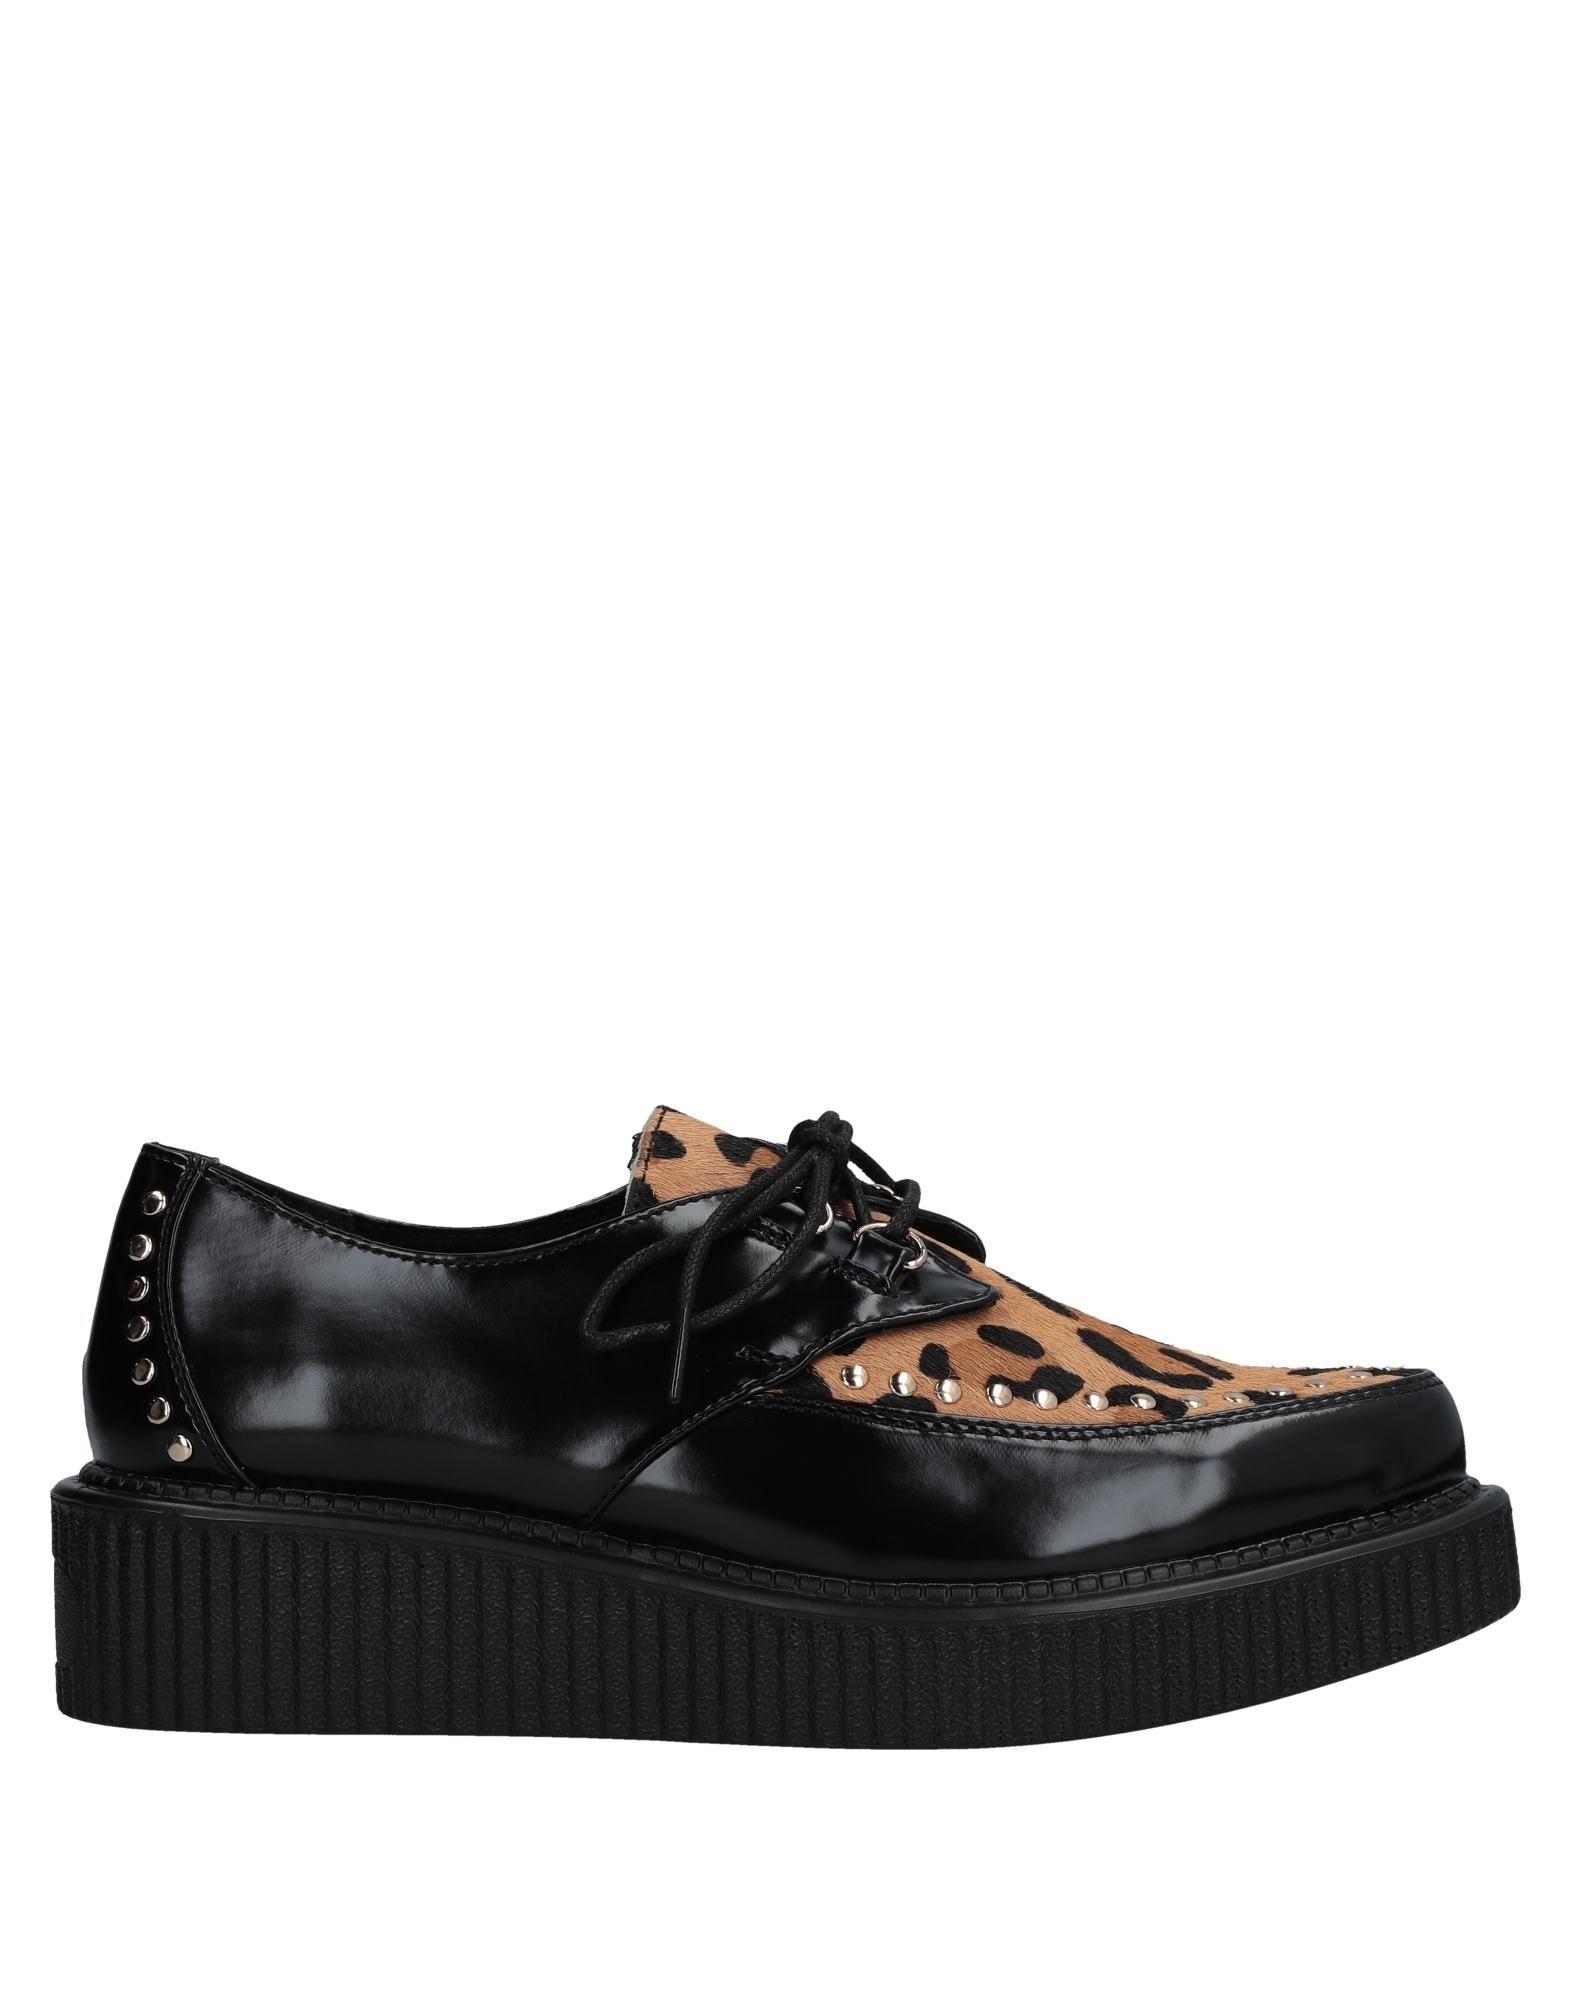 67 Sixtyseven Schnürschuhe Damen  11542772HE Gute Qualität beliebte Schuhe